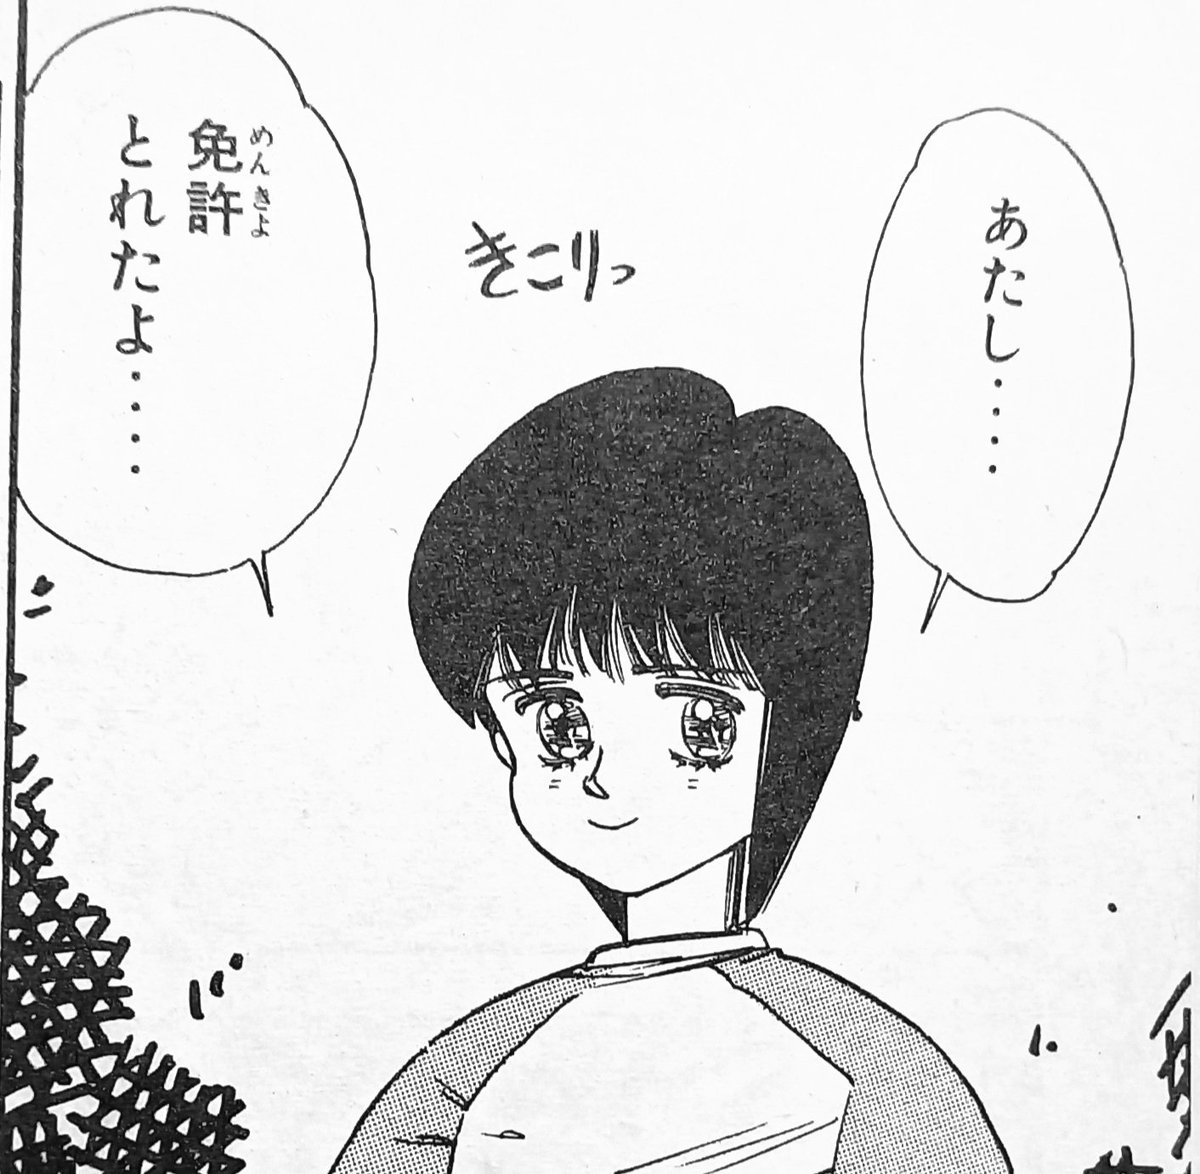 何でこの音?「バリバリ伝説」の歩惟ちゃんが登場する時の擬音!